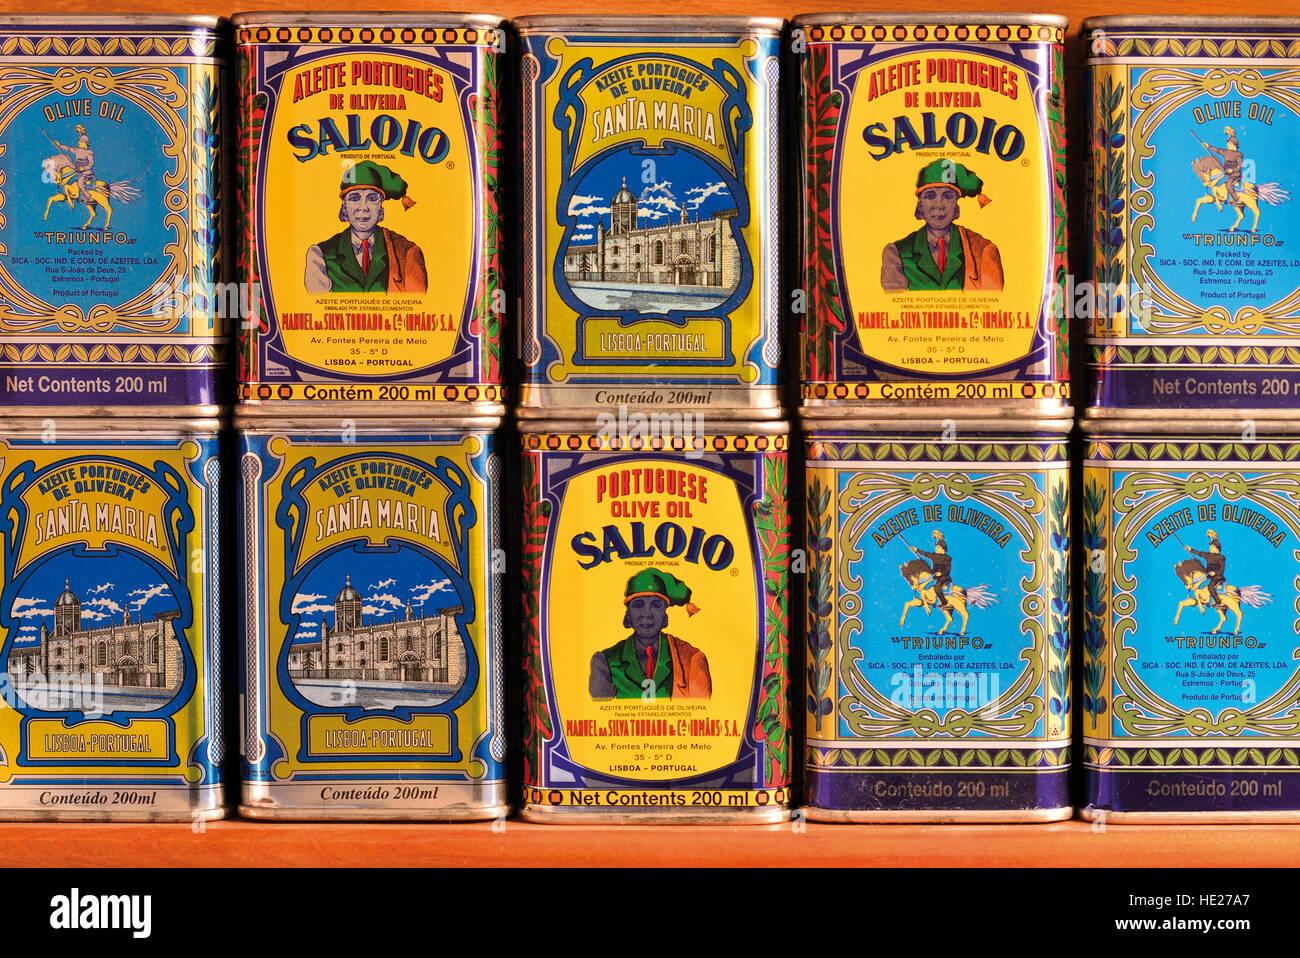 Traditionelle portugiesische Olivenöl Marken in Blechdosen Nostalgie Stockbild